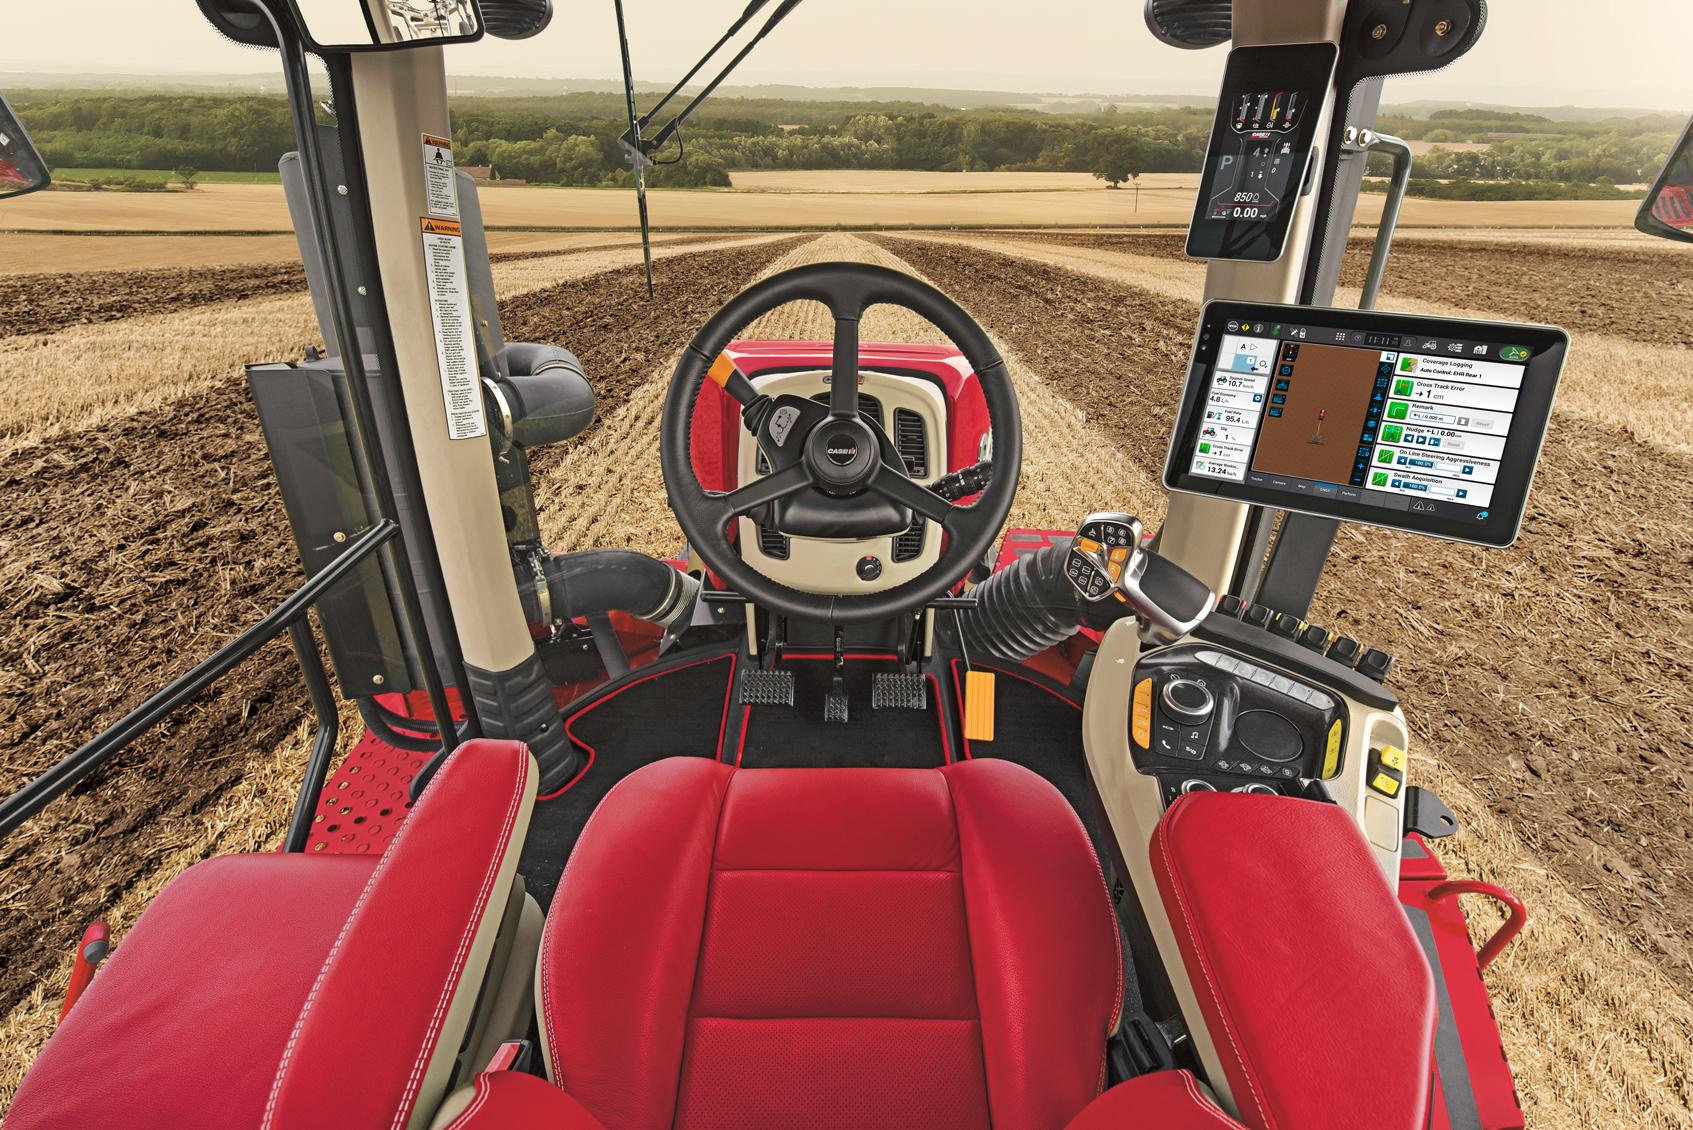 Case IH облаштувала серію тракторів новими кабінами та можливістю передачі даних